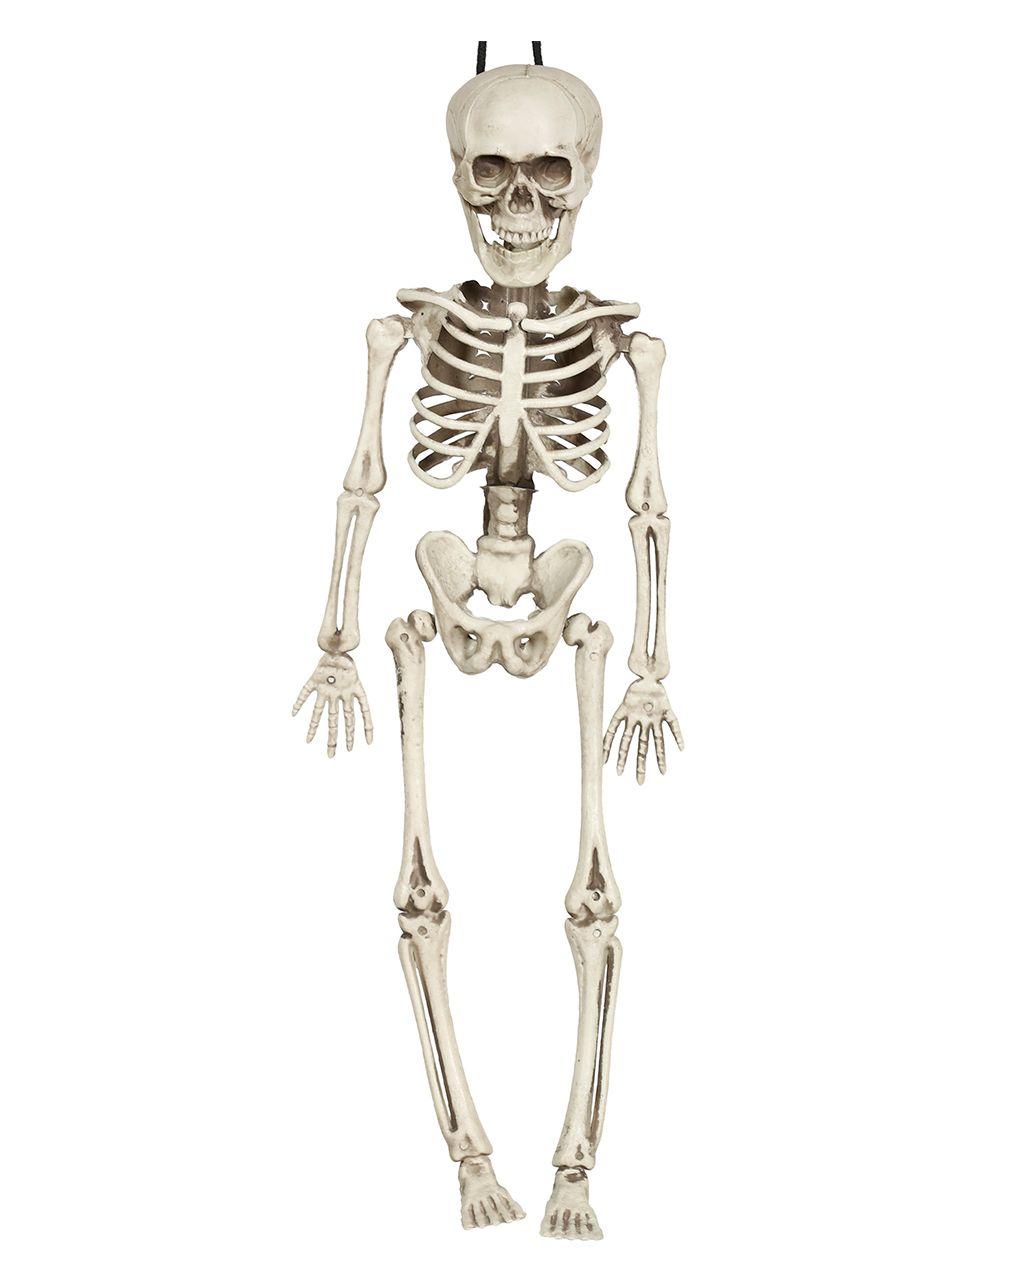 Mini Skelett Hangefigur 40cm Skelett Deko Horror Shop Com Halloween Deko Figuren Deko Horror Skelett Deko